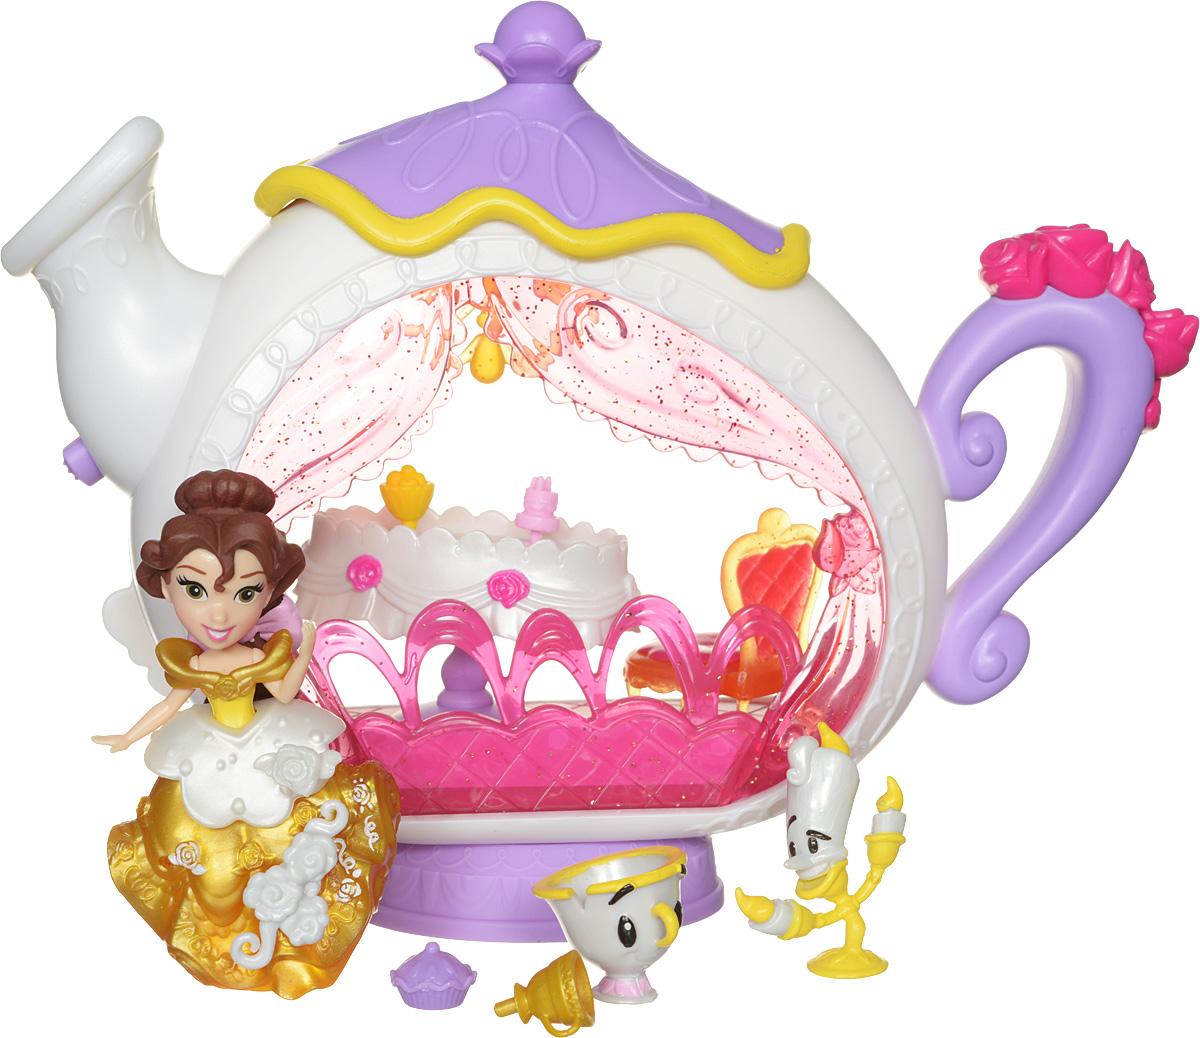 Disney Princess Игровой набор с мини-куклой Белль и заколдованная столоваяB5346EU4_B5344Игровой набор Disney Princess Белль и заколдованная столовая придется по душе каждой маленькой принцессе. У куколки длинные темные волосы, она одета в пластиковое платье золотого цвета. Пышное платье украшено оборками и декоративными элементами. Хозяйка куклы сможет добавить к ним еще несколько - в комплект входят аксессуары, которые можно прикреплять к платью мини-куклы. Для этого в наряде имеются небольшие отверстия, в которые они вставляются. Эти отверстия не бросаются в глаза, даже когда украшений нет, поэтому наличие украшений на подоле будет зависеть только от настроения хозяйки. Мини-кукла Белль выглядит просто очаровательно. Она совсем небольшая по размеру, однако, тщательно проработана. В наборе с куклой имеется ярко оформленный чайник-столовая и разные аксессуары для чаепития. В столовую можно поставить праздничный столик со столовыми приборами кресло для принцессы. Кукла выполнена из прочного и безопасного пластика. Ваша малышка часами...